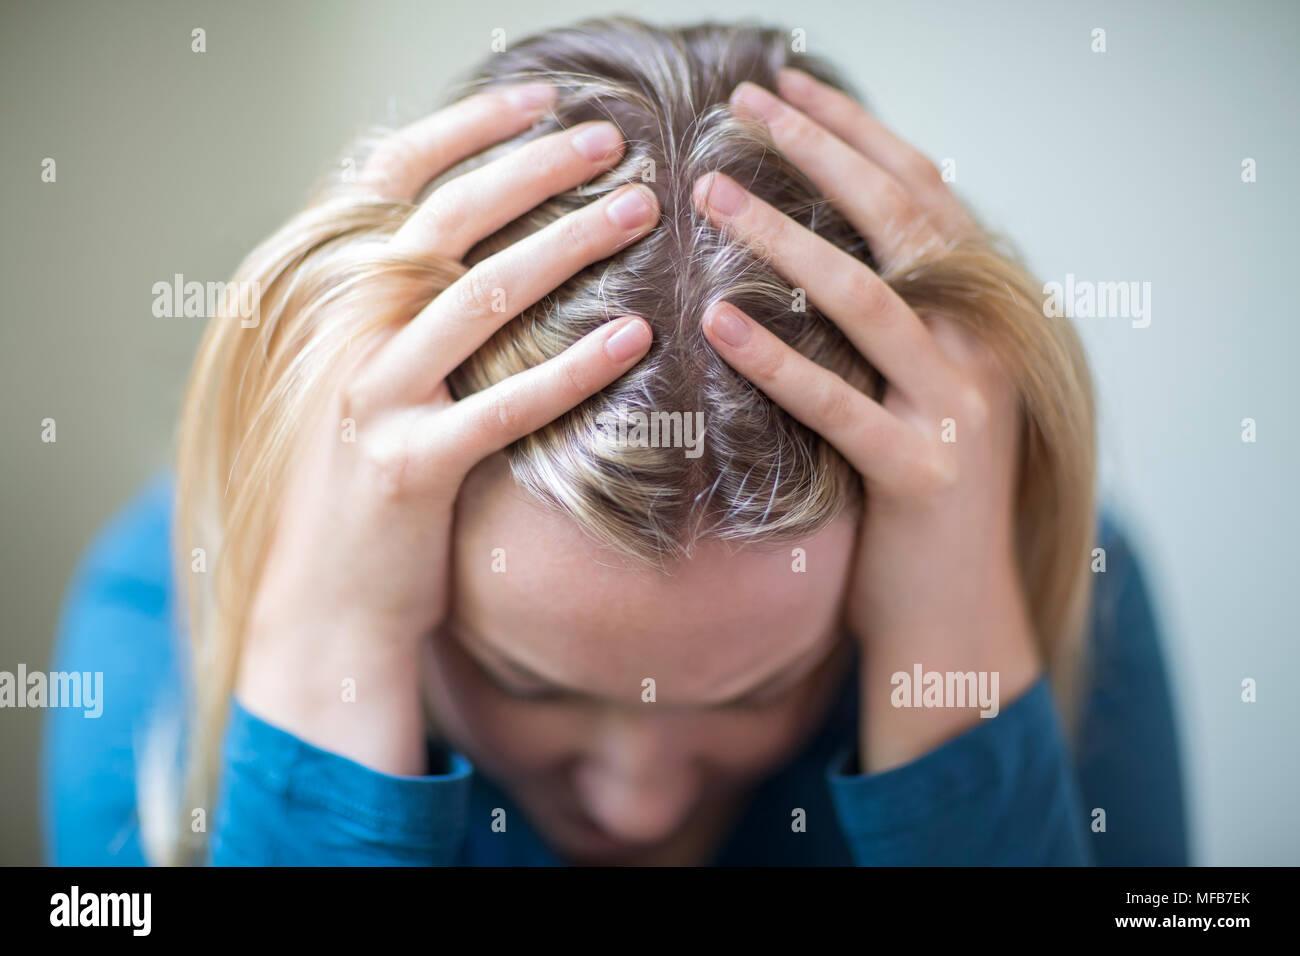 Junge Frau, die unter Depressionen leiden, mit Kopf in den Händen Stockbild